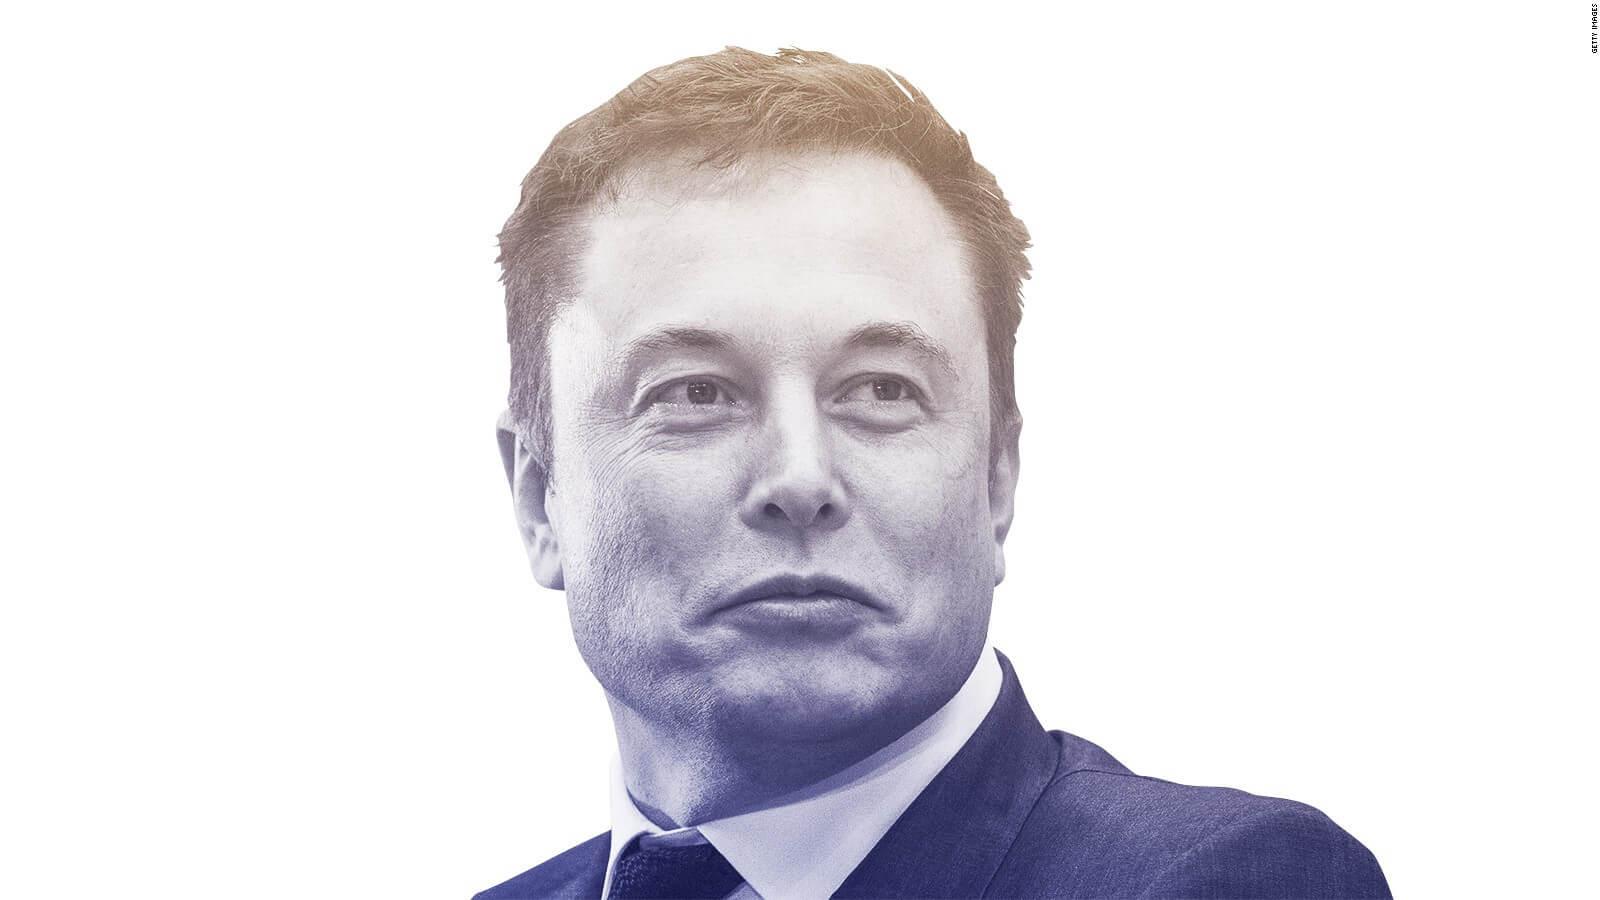 Luar Biasa! Ini 6 Cara Elon Musk Mendapatkan Uang Sebelum Kaya Raya Seperti Saat Ini - Bagaimana Elon Musk Bisa Sukses di Banyak Bidang? Kuncinya Adalah Menjadi Seorang Pembelajar - 7 Tips Menjadi Pemimpin Transformasional Seperti Elon Musk